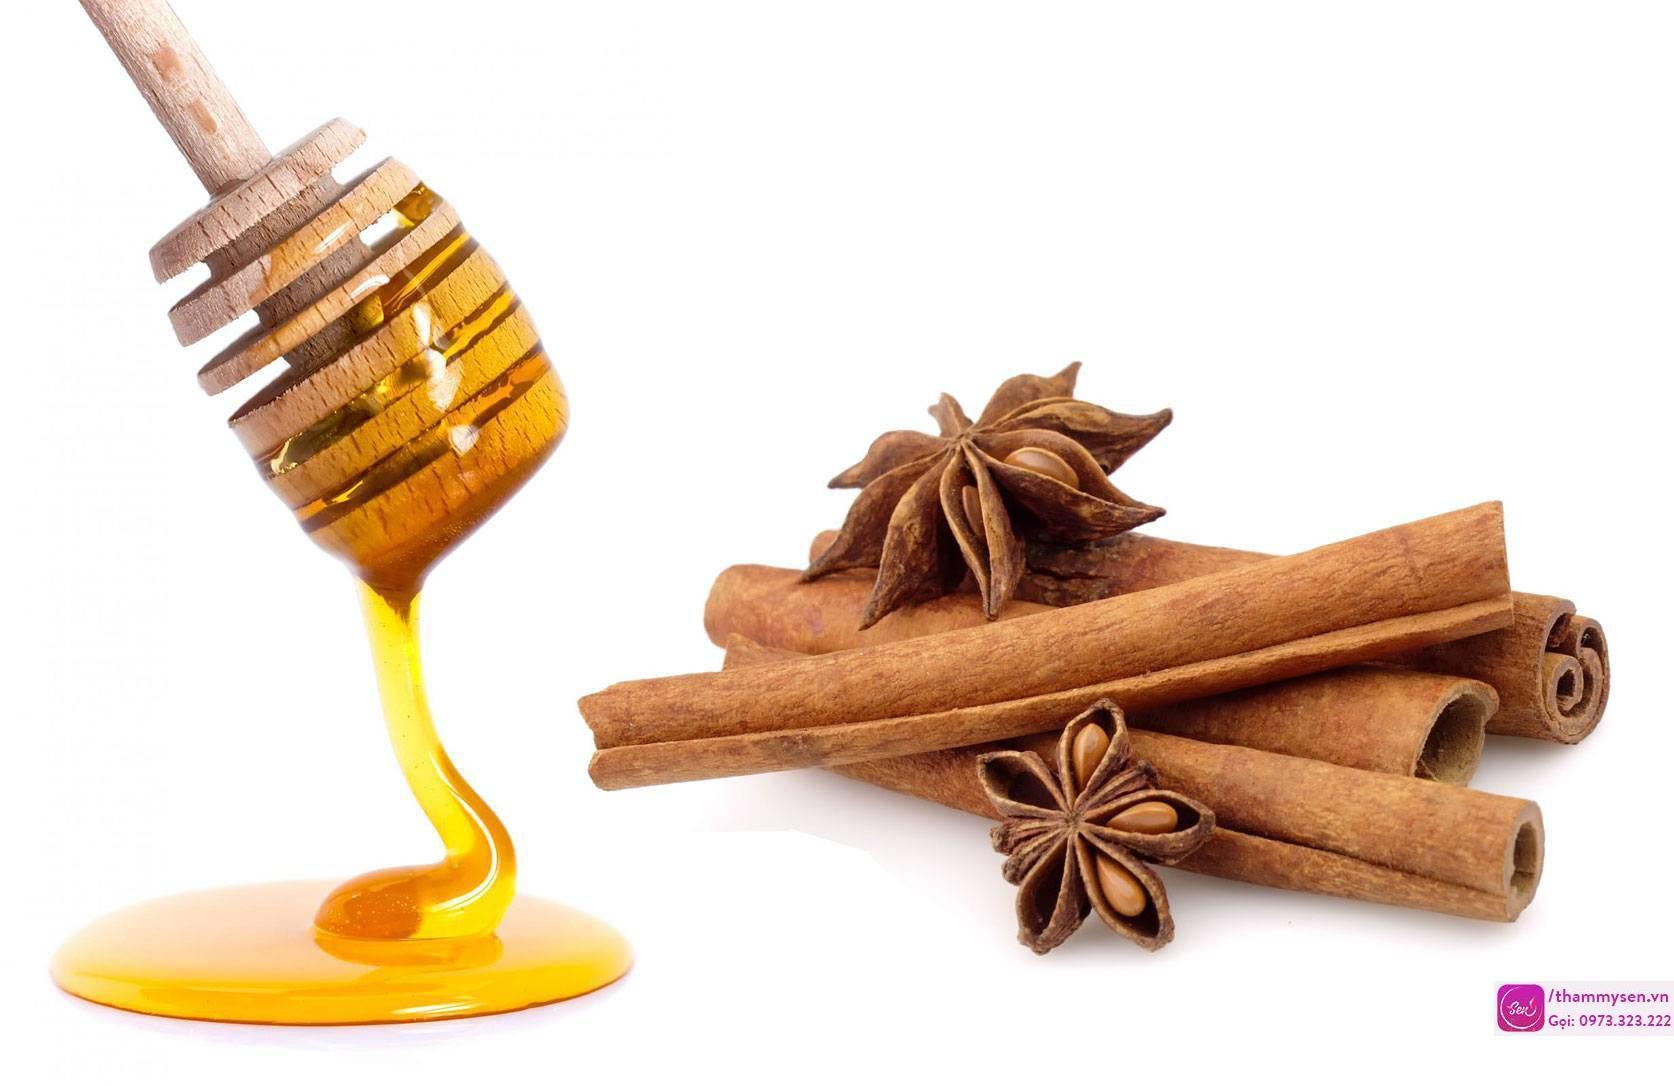 Giảm béo bằng mật ong 1